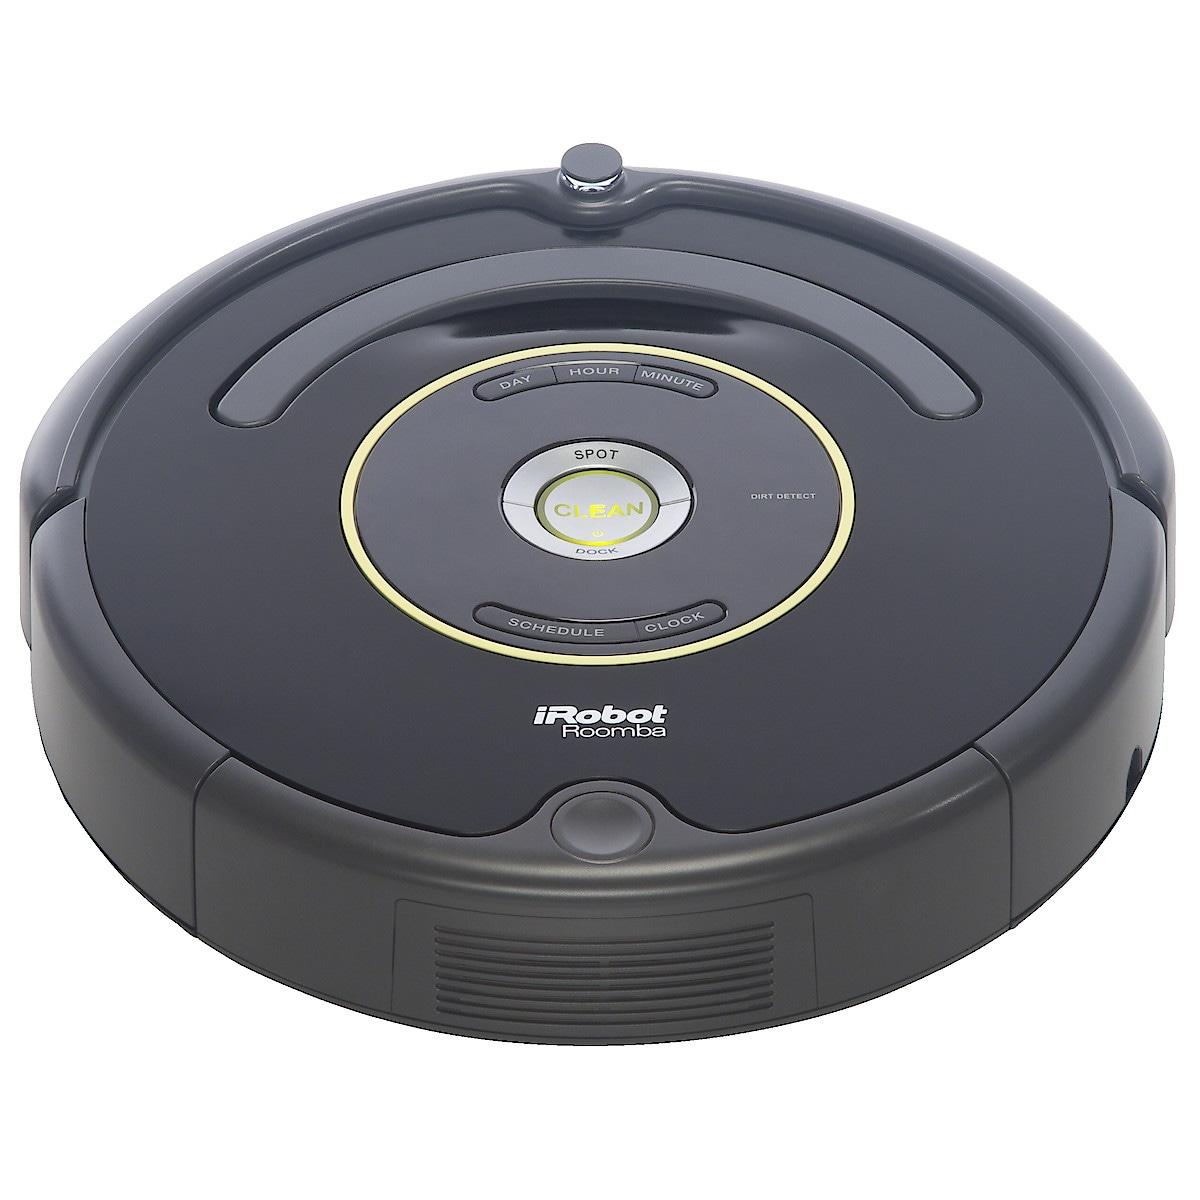 Robotdammsugare iRobot Roomba 650